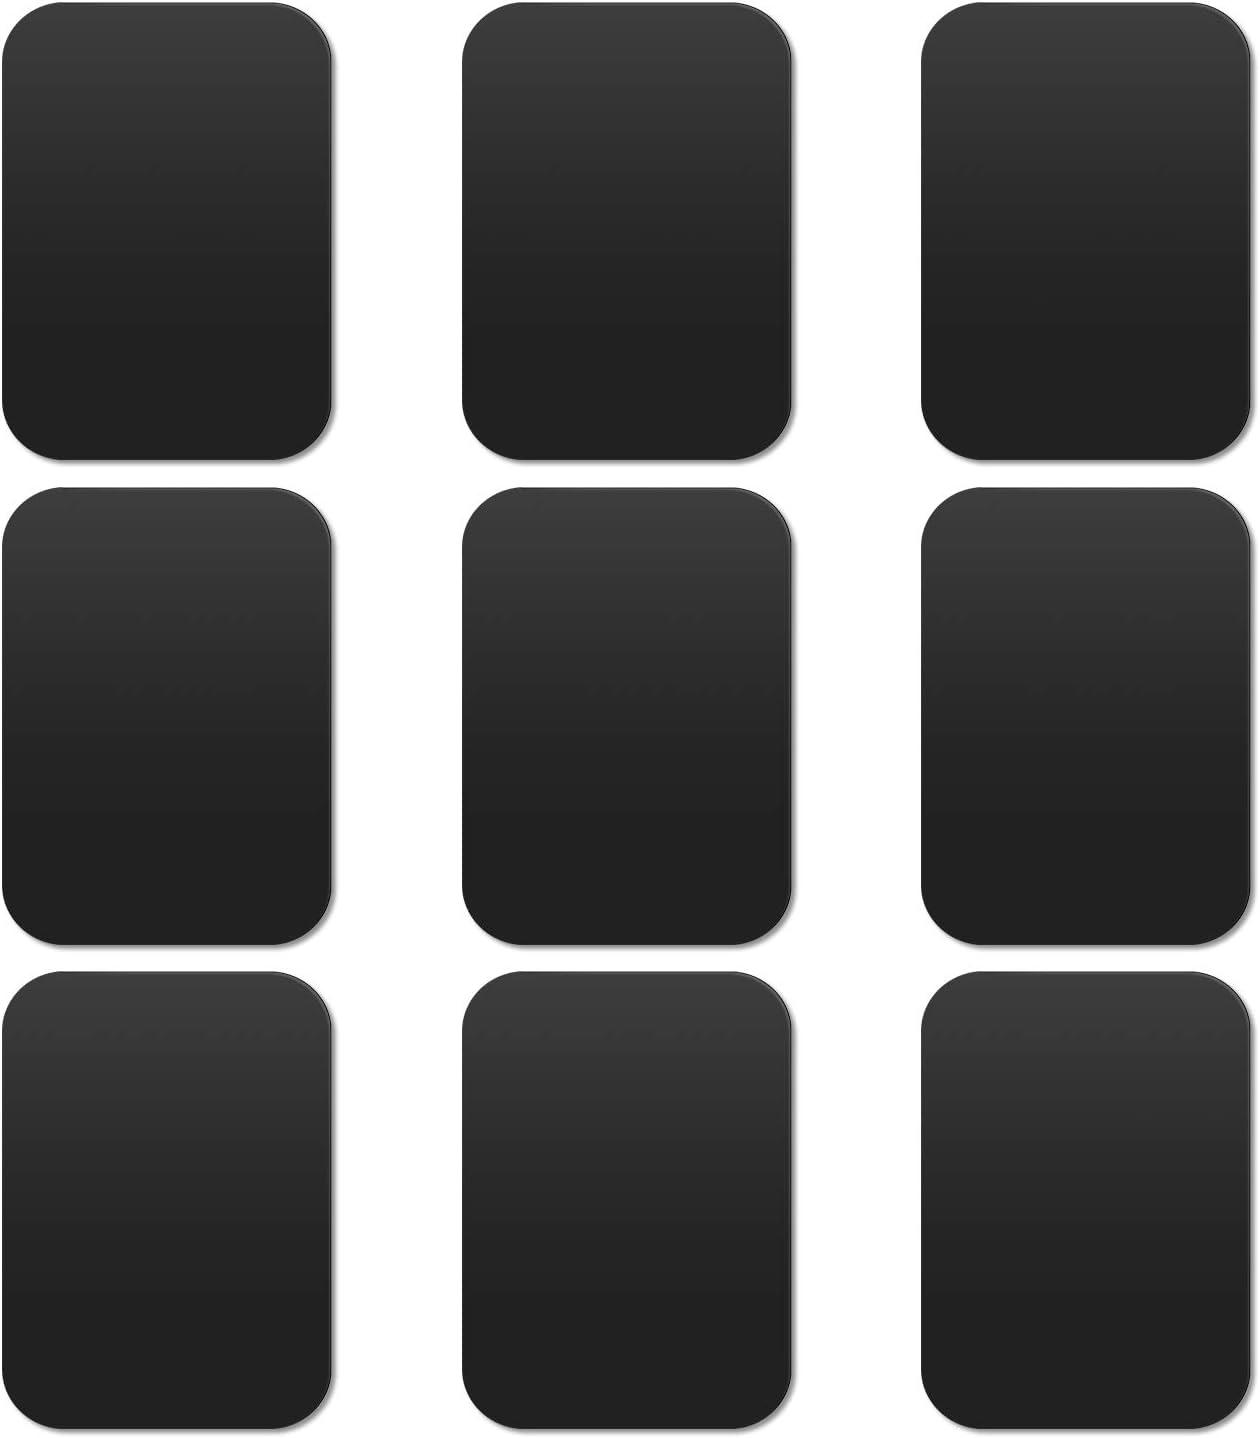 MOSUO 9 Piezas Láminas Metálicas (9 Rectangulares) Muy Finas Placas Metálicas con 3M Adhesivo para Soporte Movil Coche Magnético/Iman para Movil Coche y Otros Productos de imán - Negro